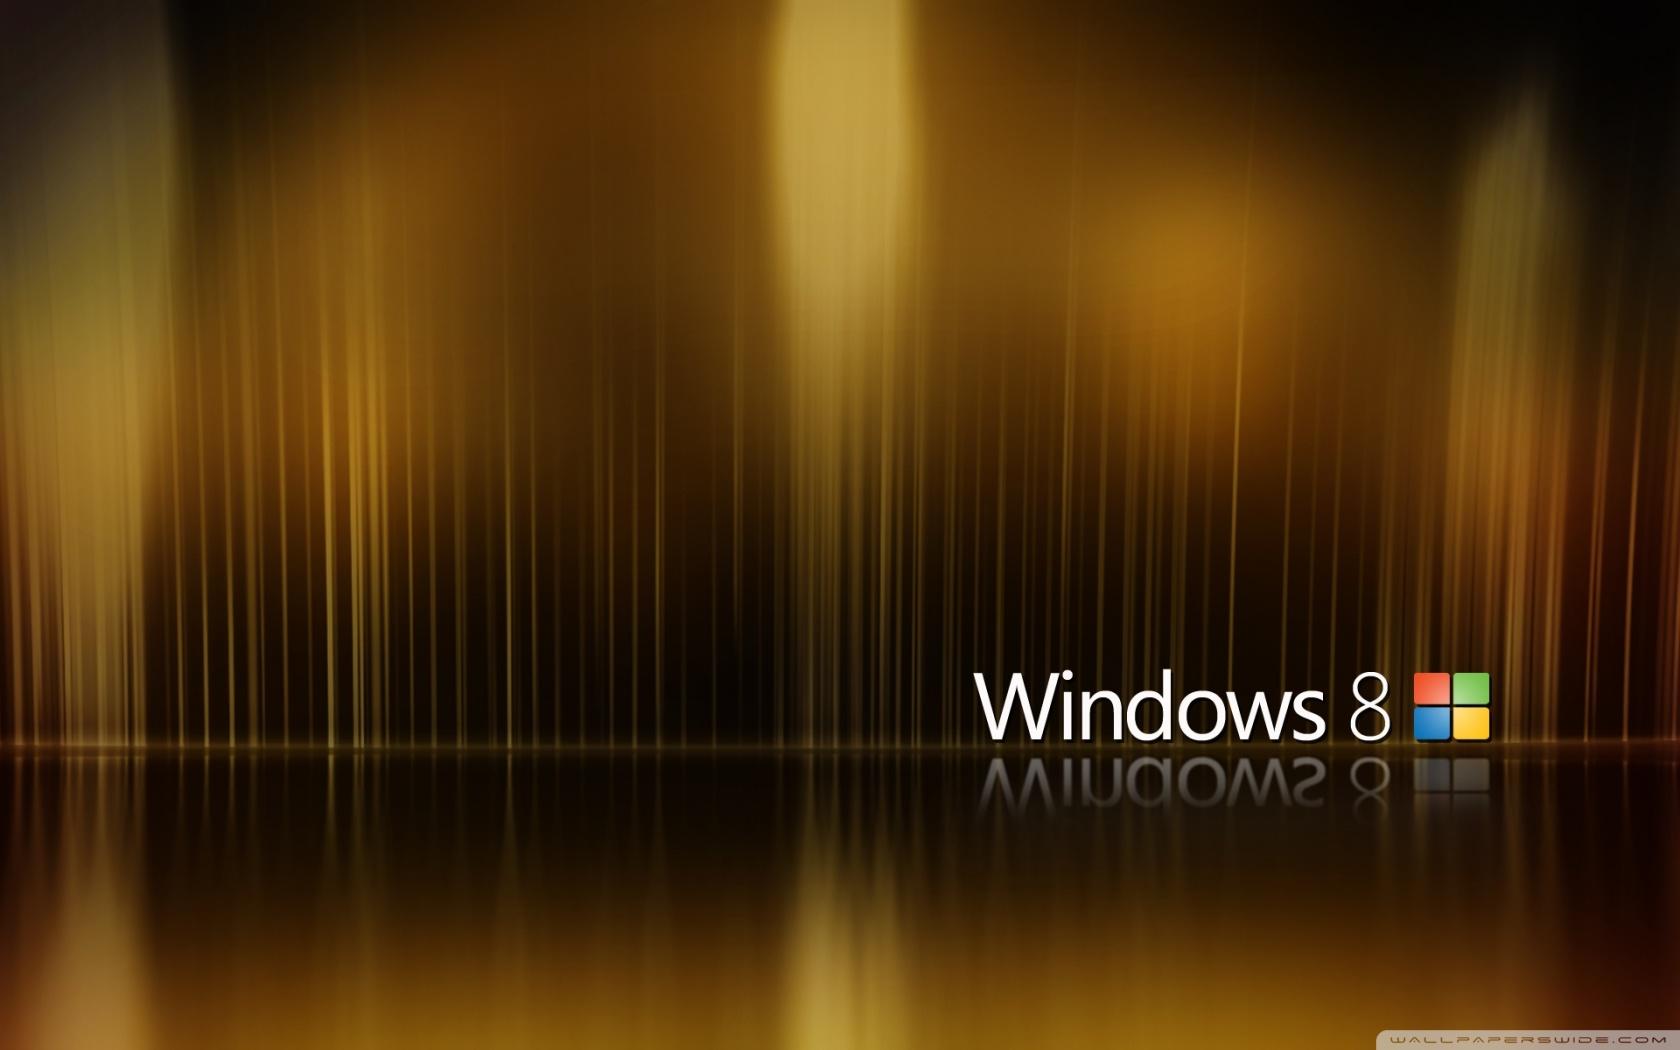 Windows 8 4K HD Desktop Wallpaper For 4K Ultra HD TV